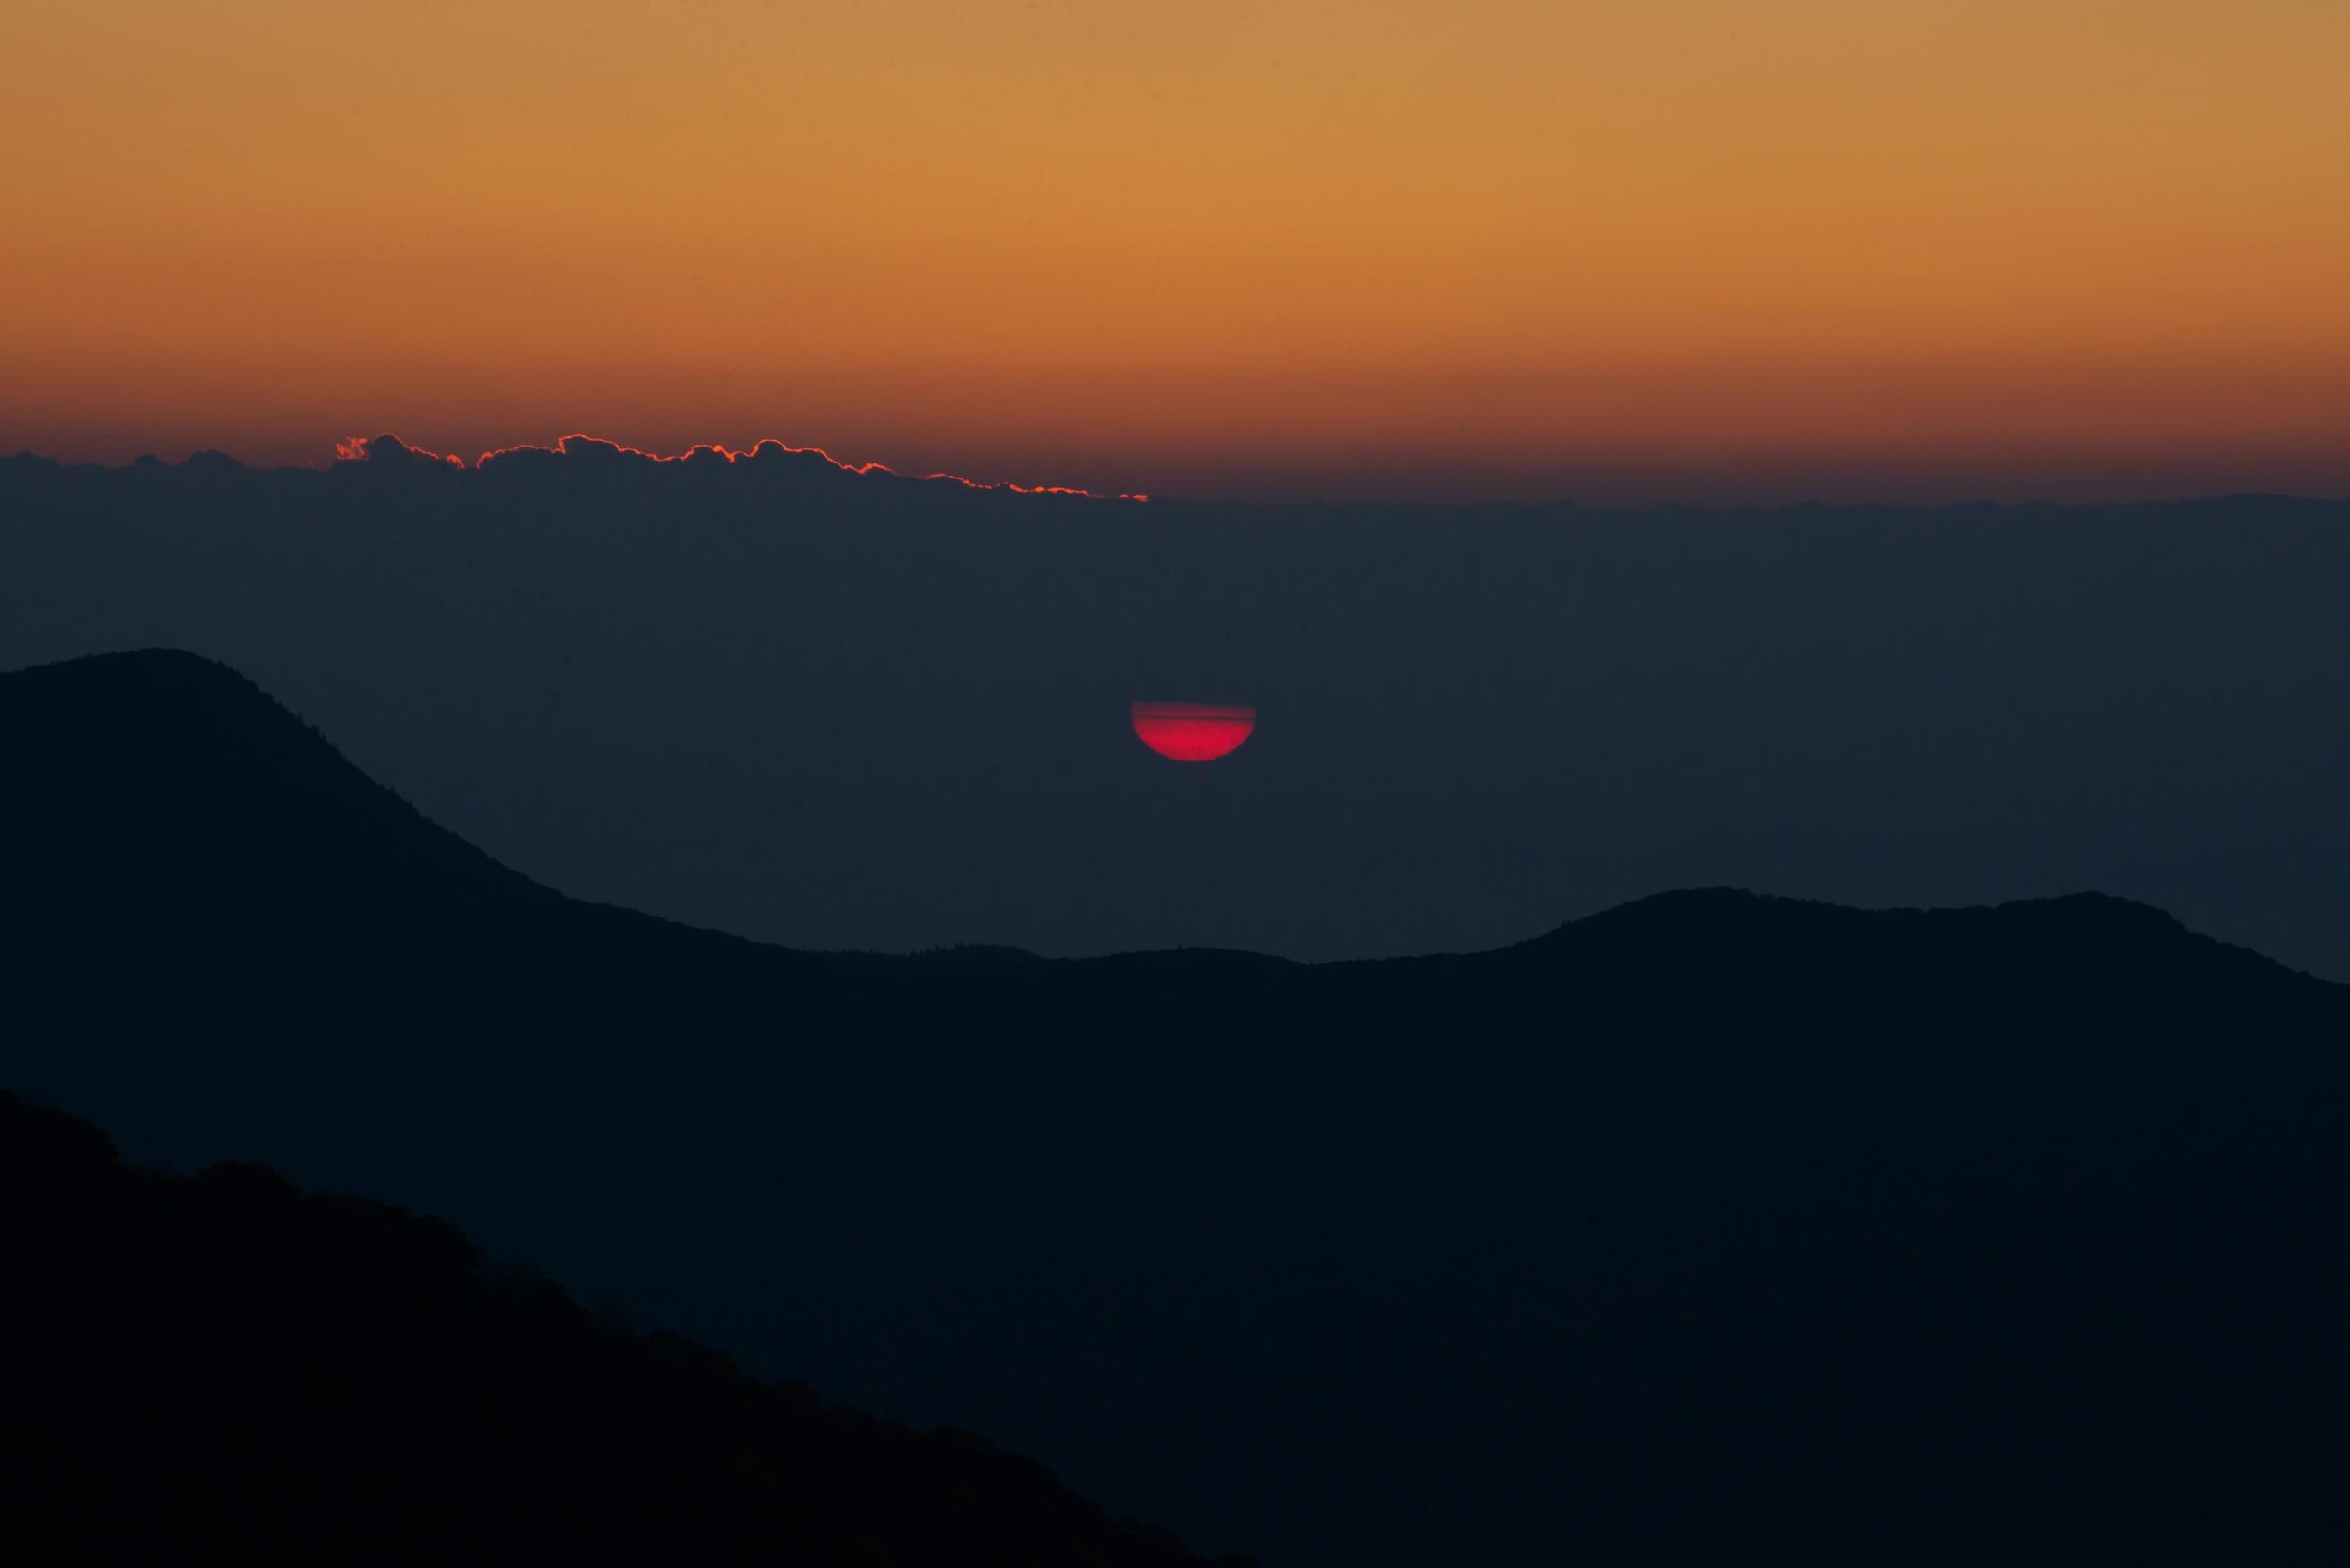 sunrise at Craggy Pinnacle, NC